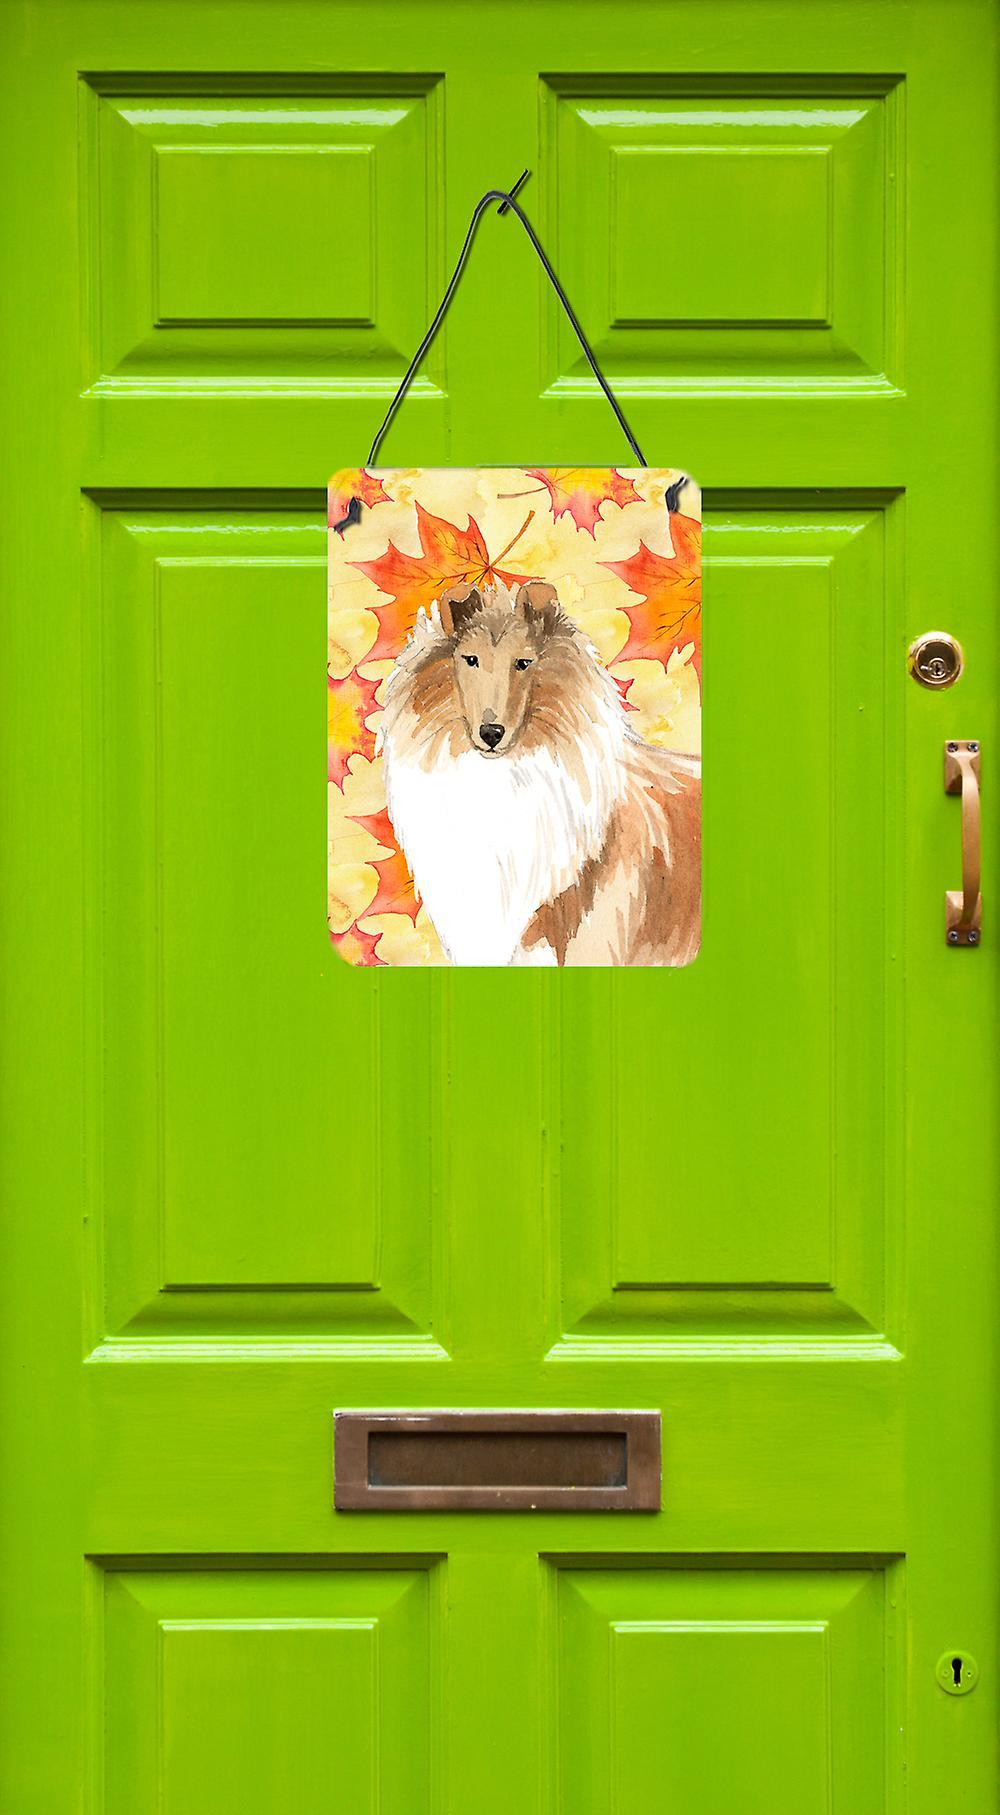 Herbst Blätter Rough Collie Wand oder Tür hängen Drucke